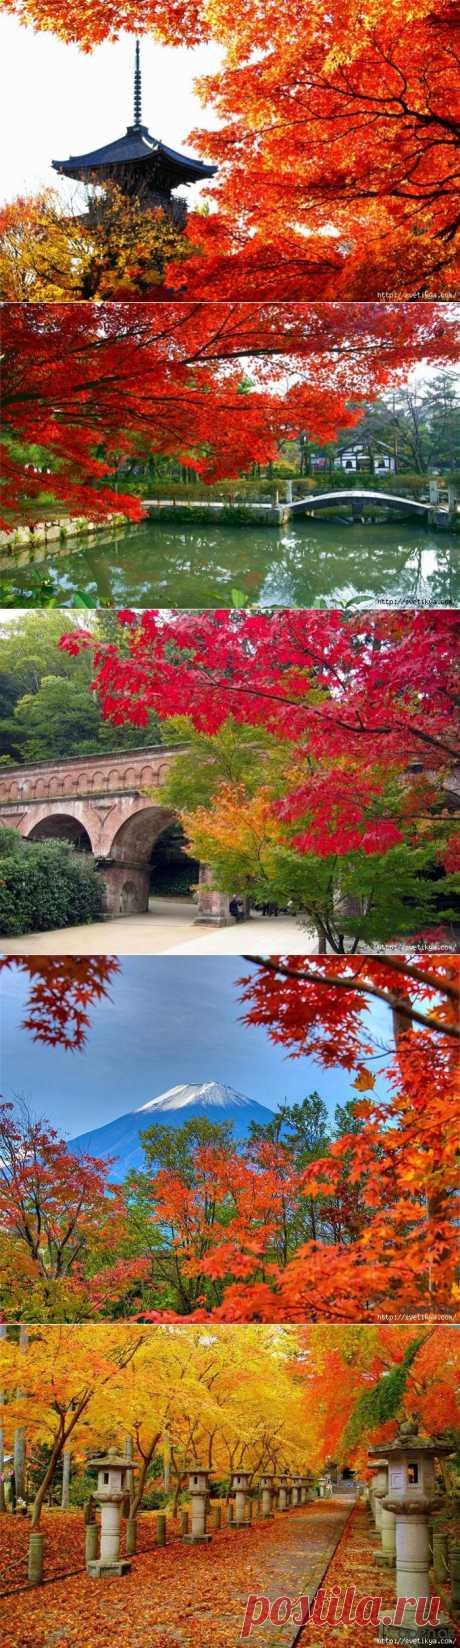 Японская осень.